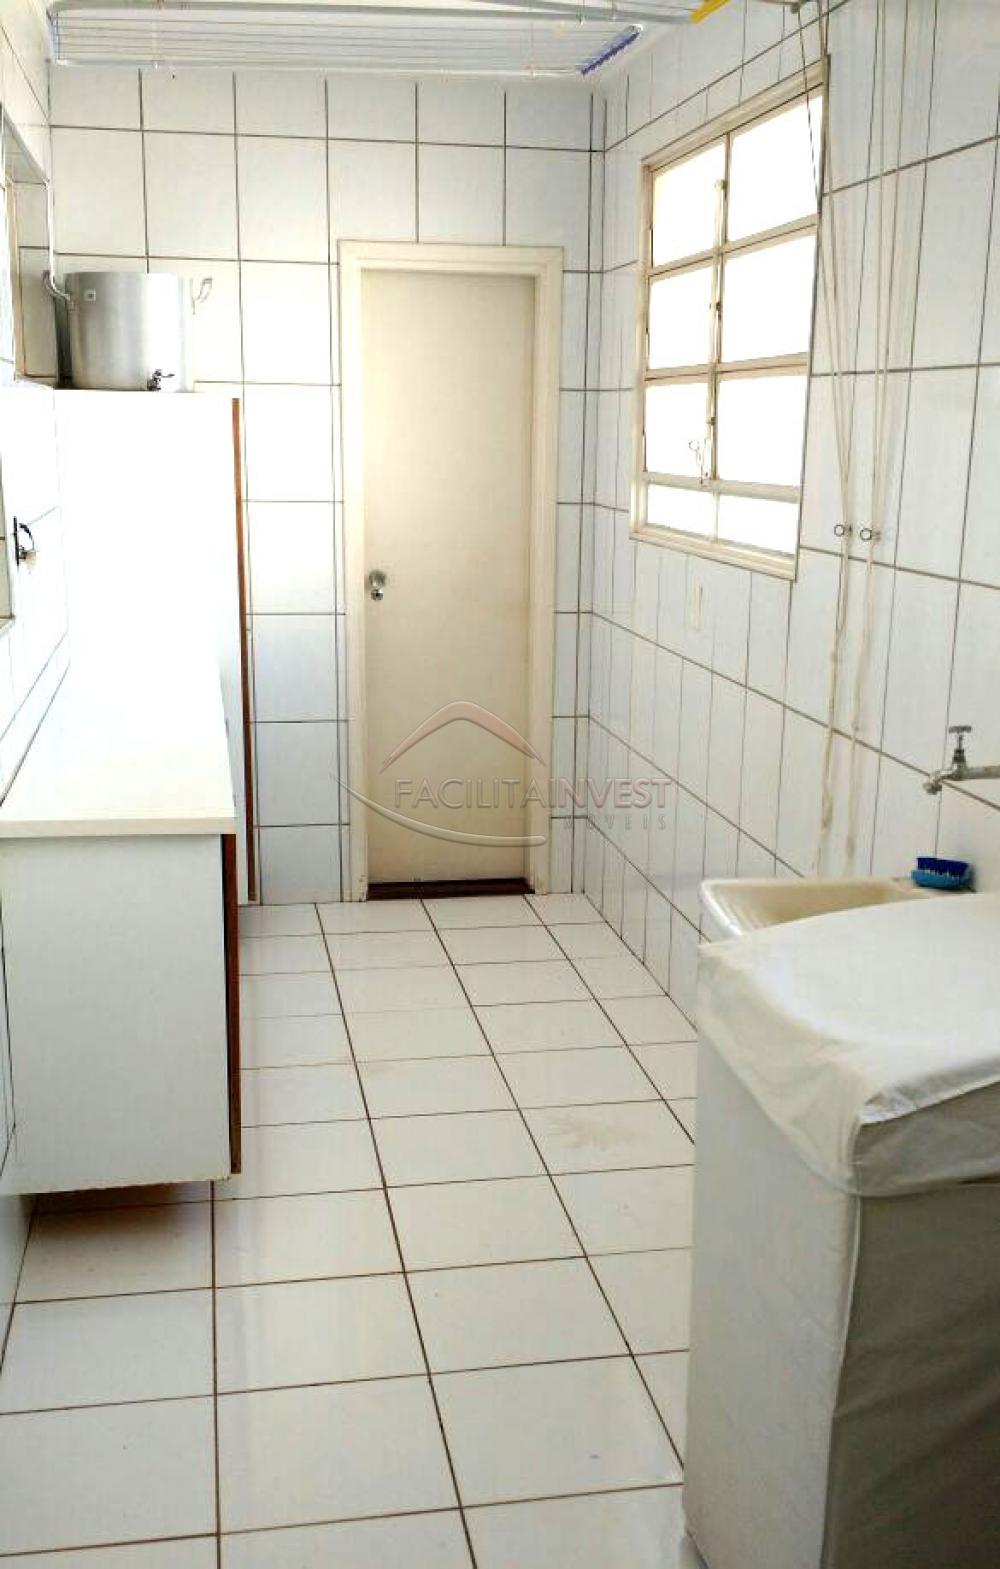 Alugar Apartamentos / Apart. Padrão em Ribeirão Preto apenas R$ 1.000,00 - Foto 15